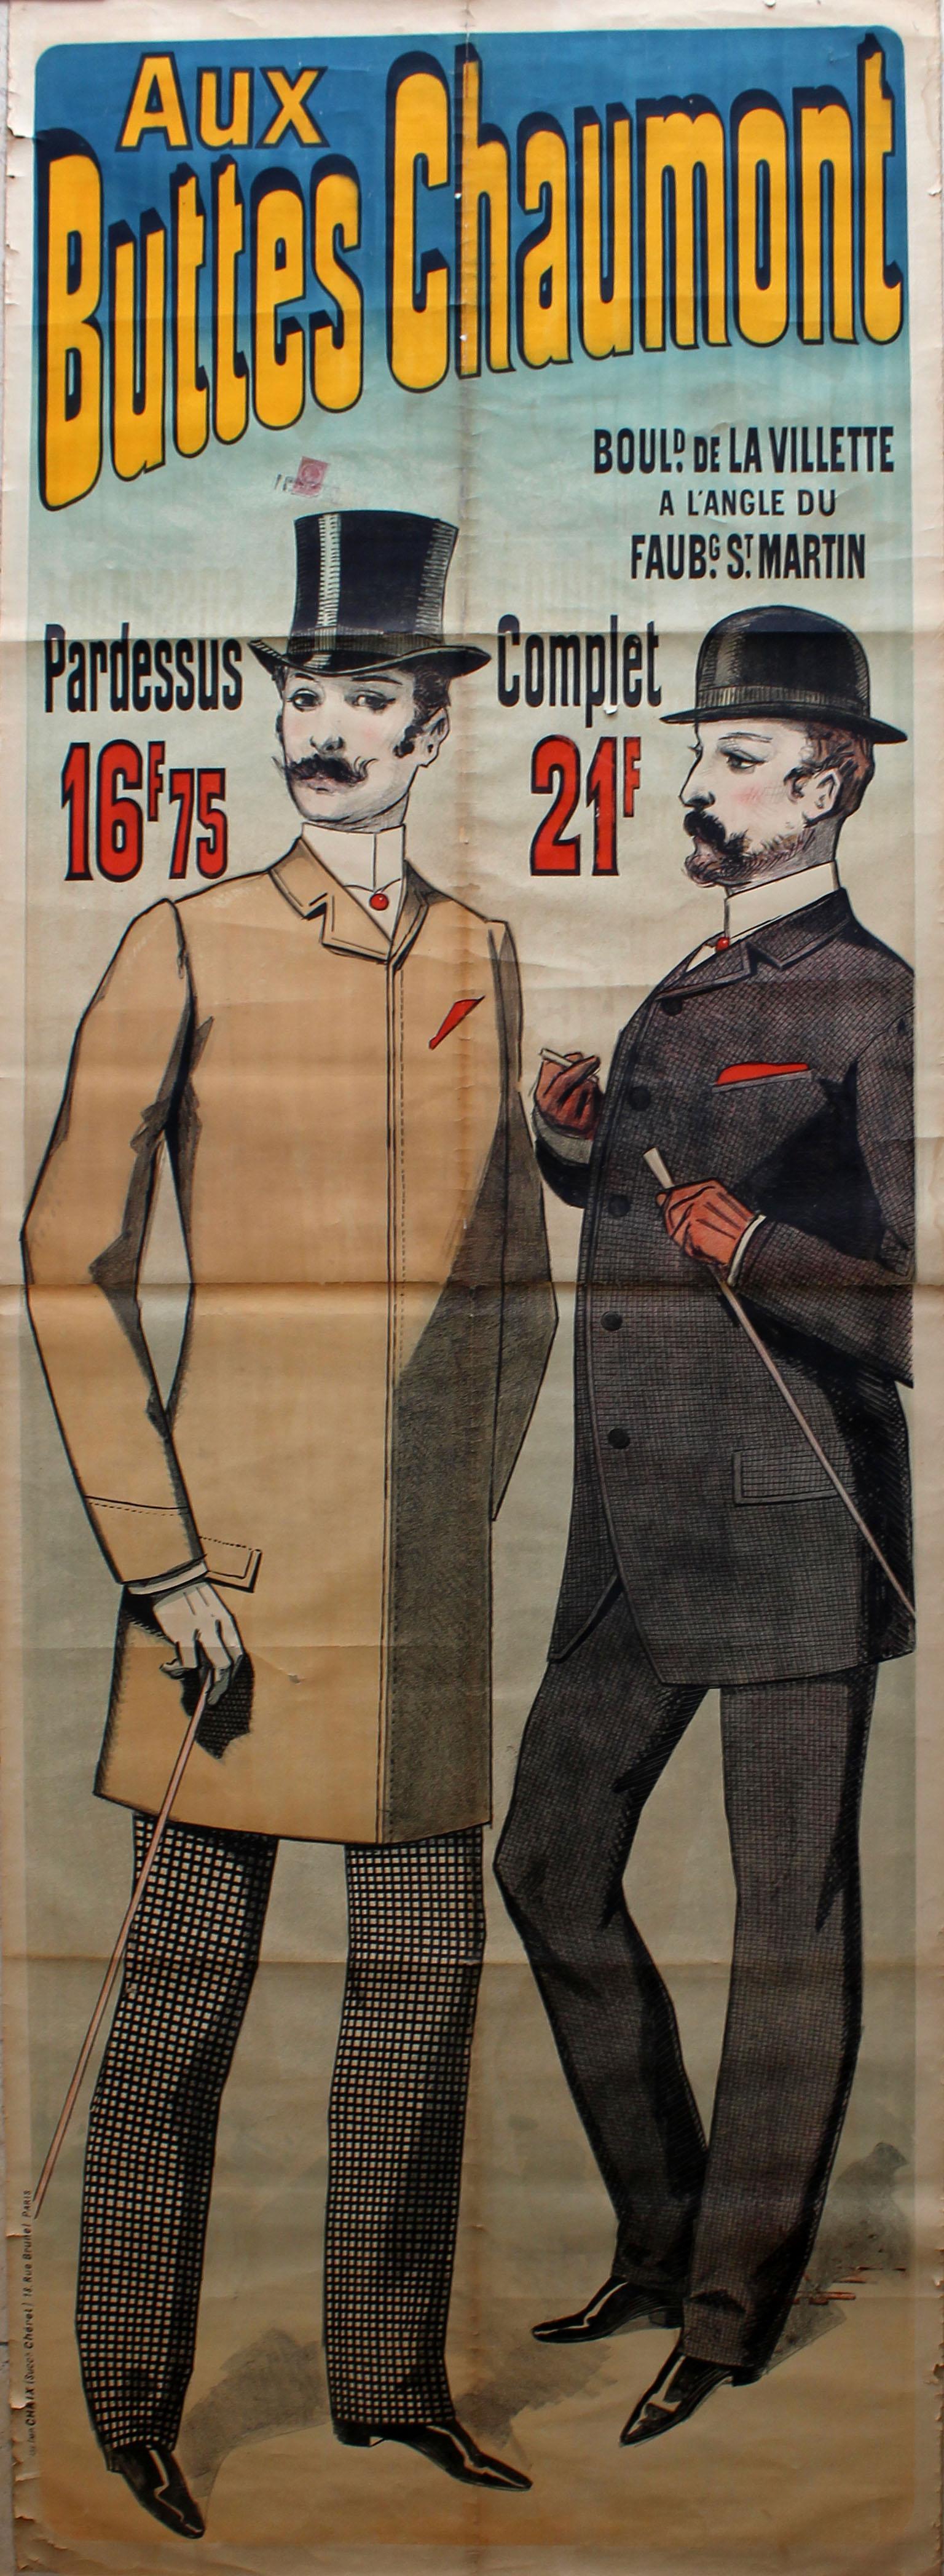 Advertising Poster Aux Buttes Chaumont Paris Cheret